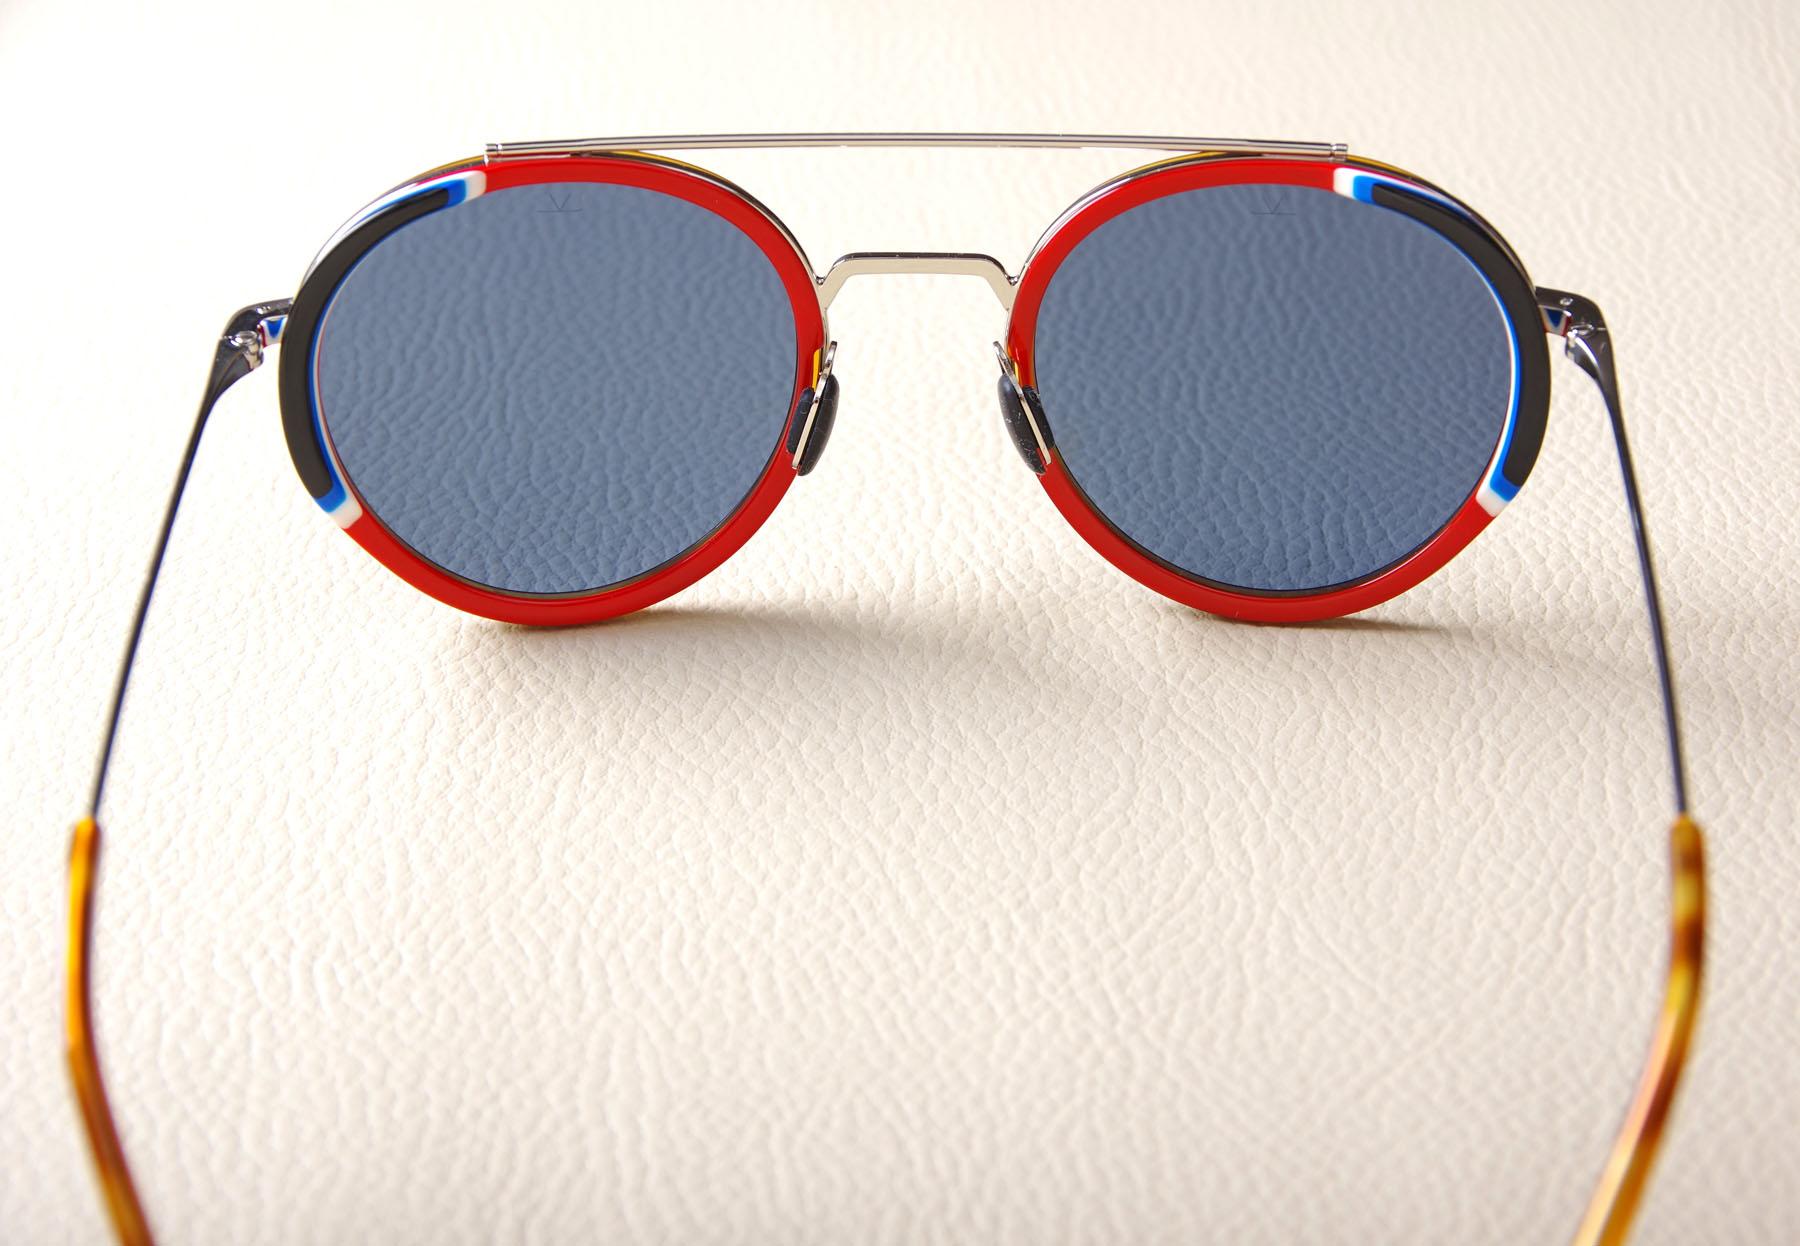 8c50aa4815fe6 Où trouver les lunettes VUARNET à proximité du Havre 76 Trouver un  revendeur VUARNET au Havre